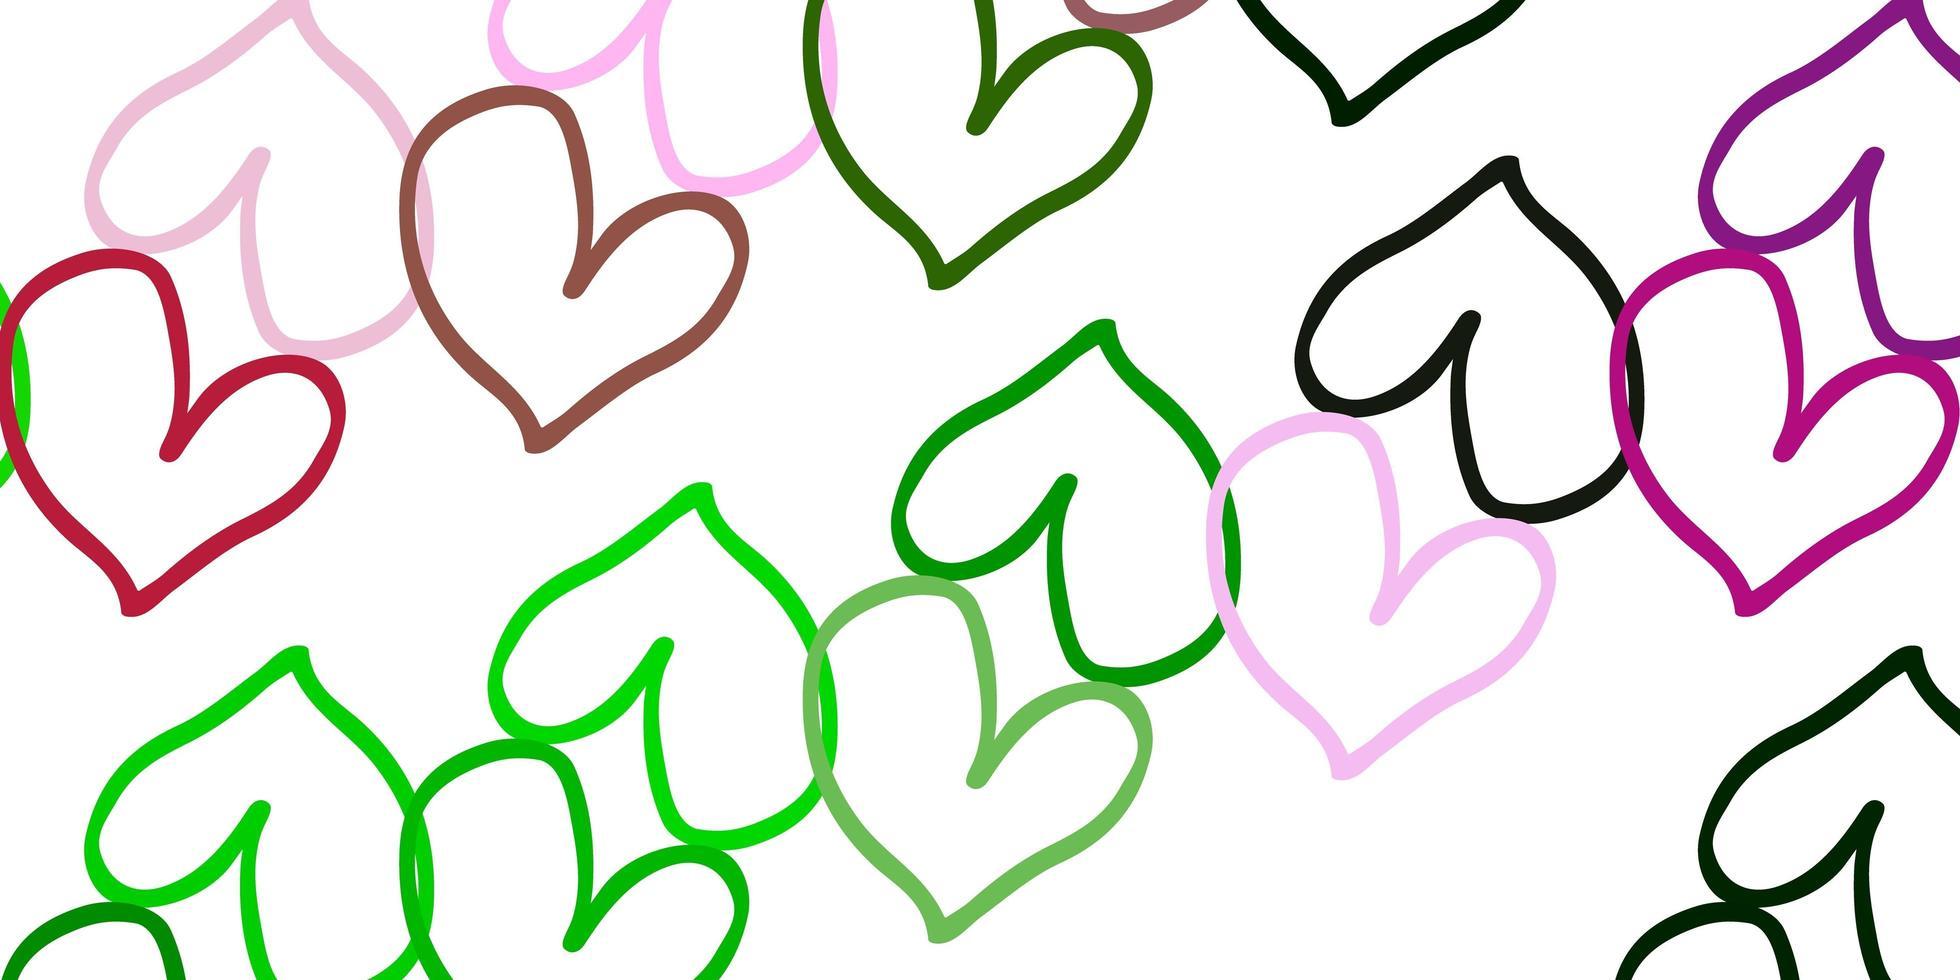 plantilla de vector rosa claro, verde con corazones de doodle.